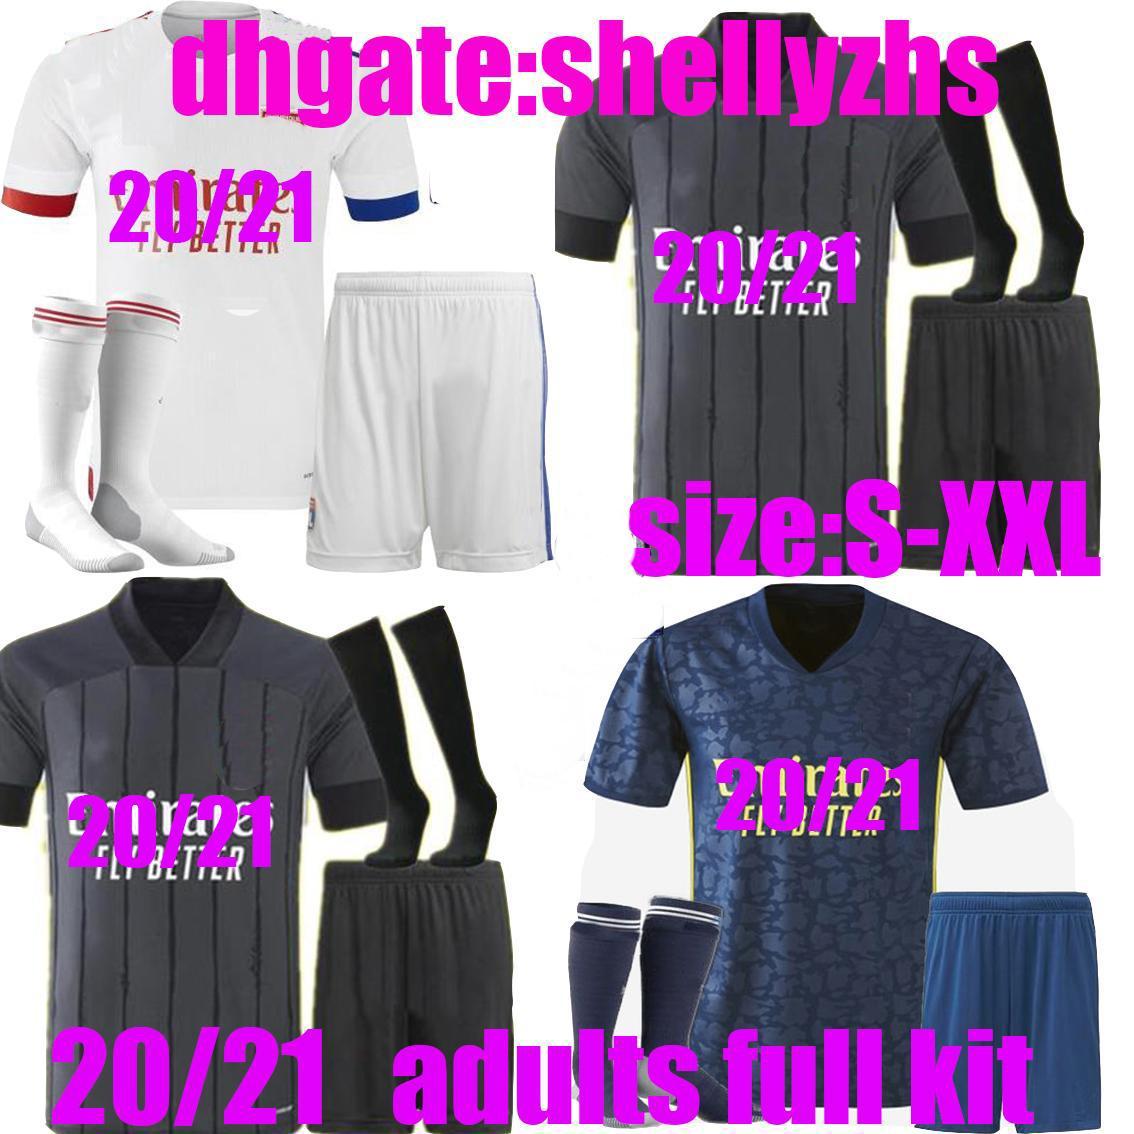 Взрослые Полный комплект 20 21 Maillot de oep Olympique Lyonnais Soccer Jersey 2020 2021 OL Lyon Mailoot De Foot Traore Memphis Футбольная рубашка